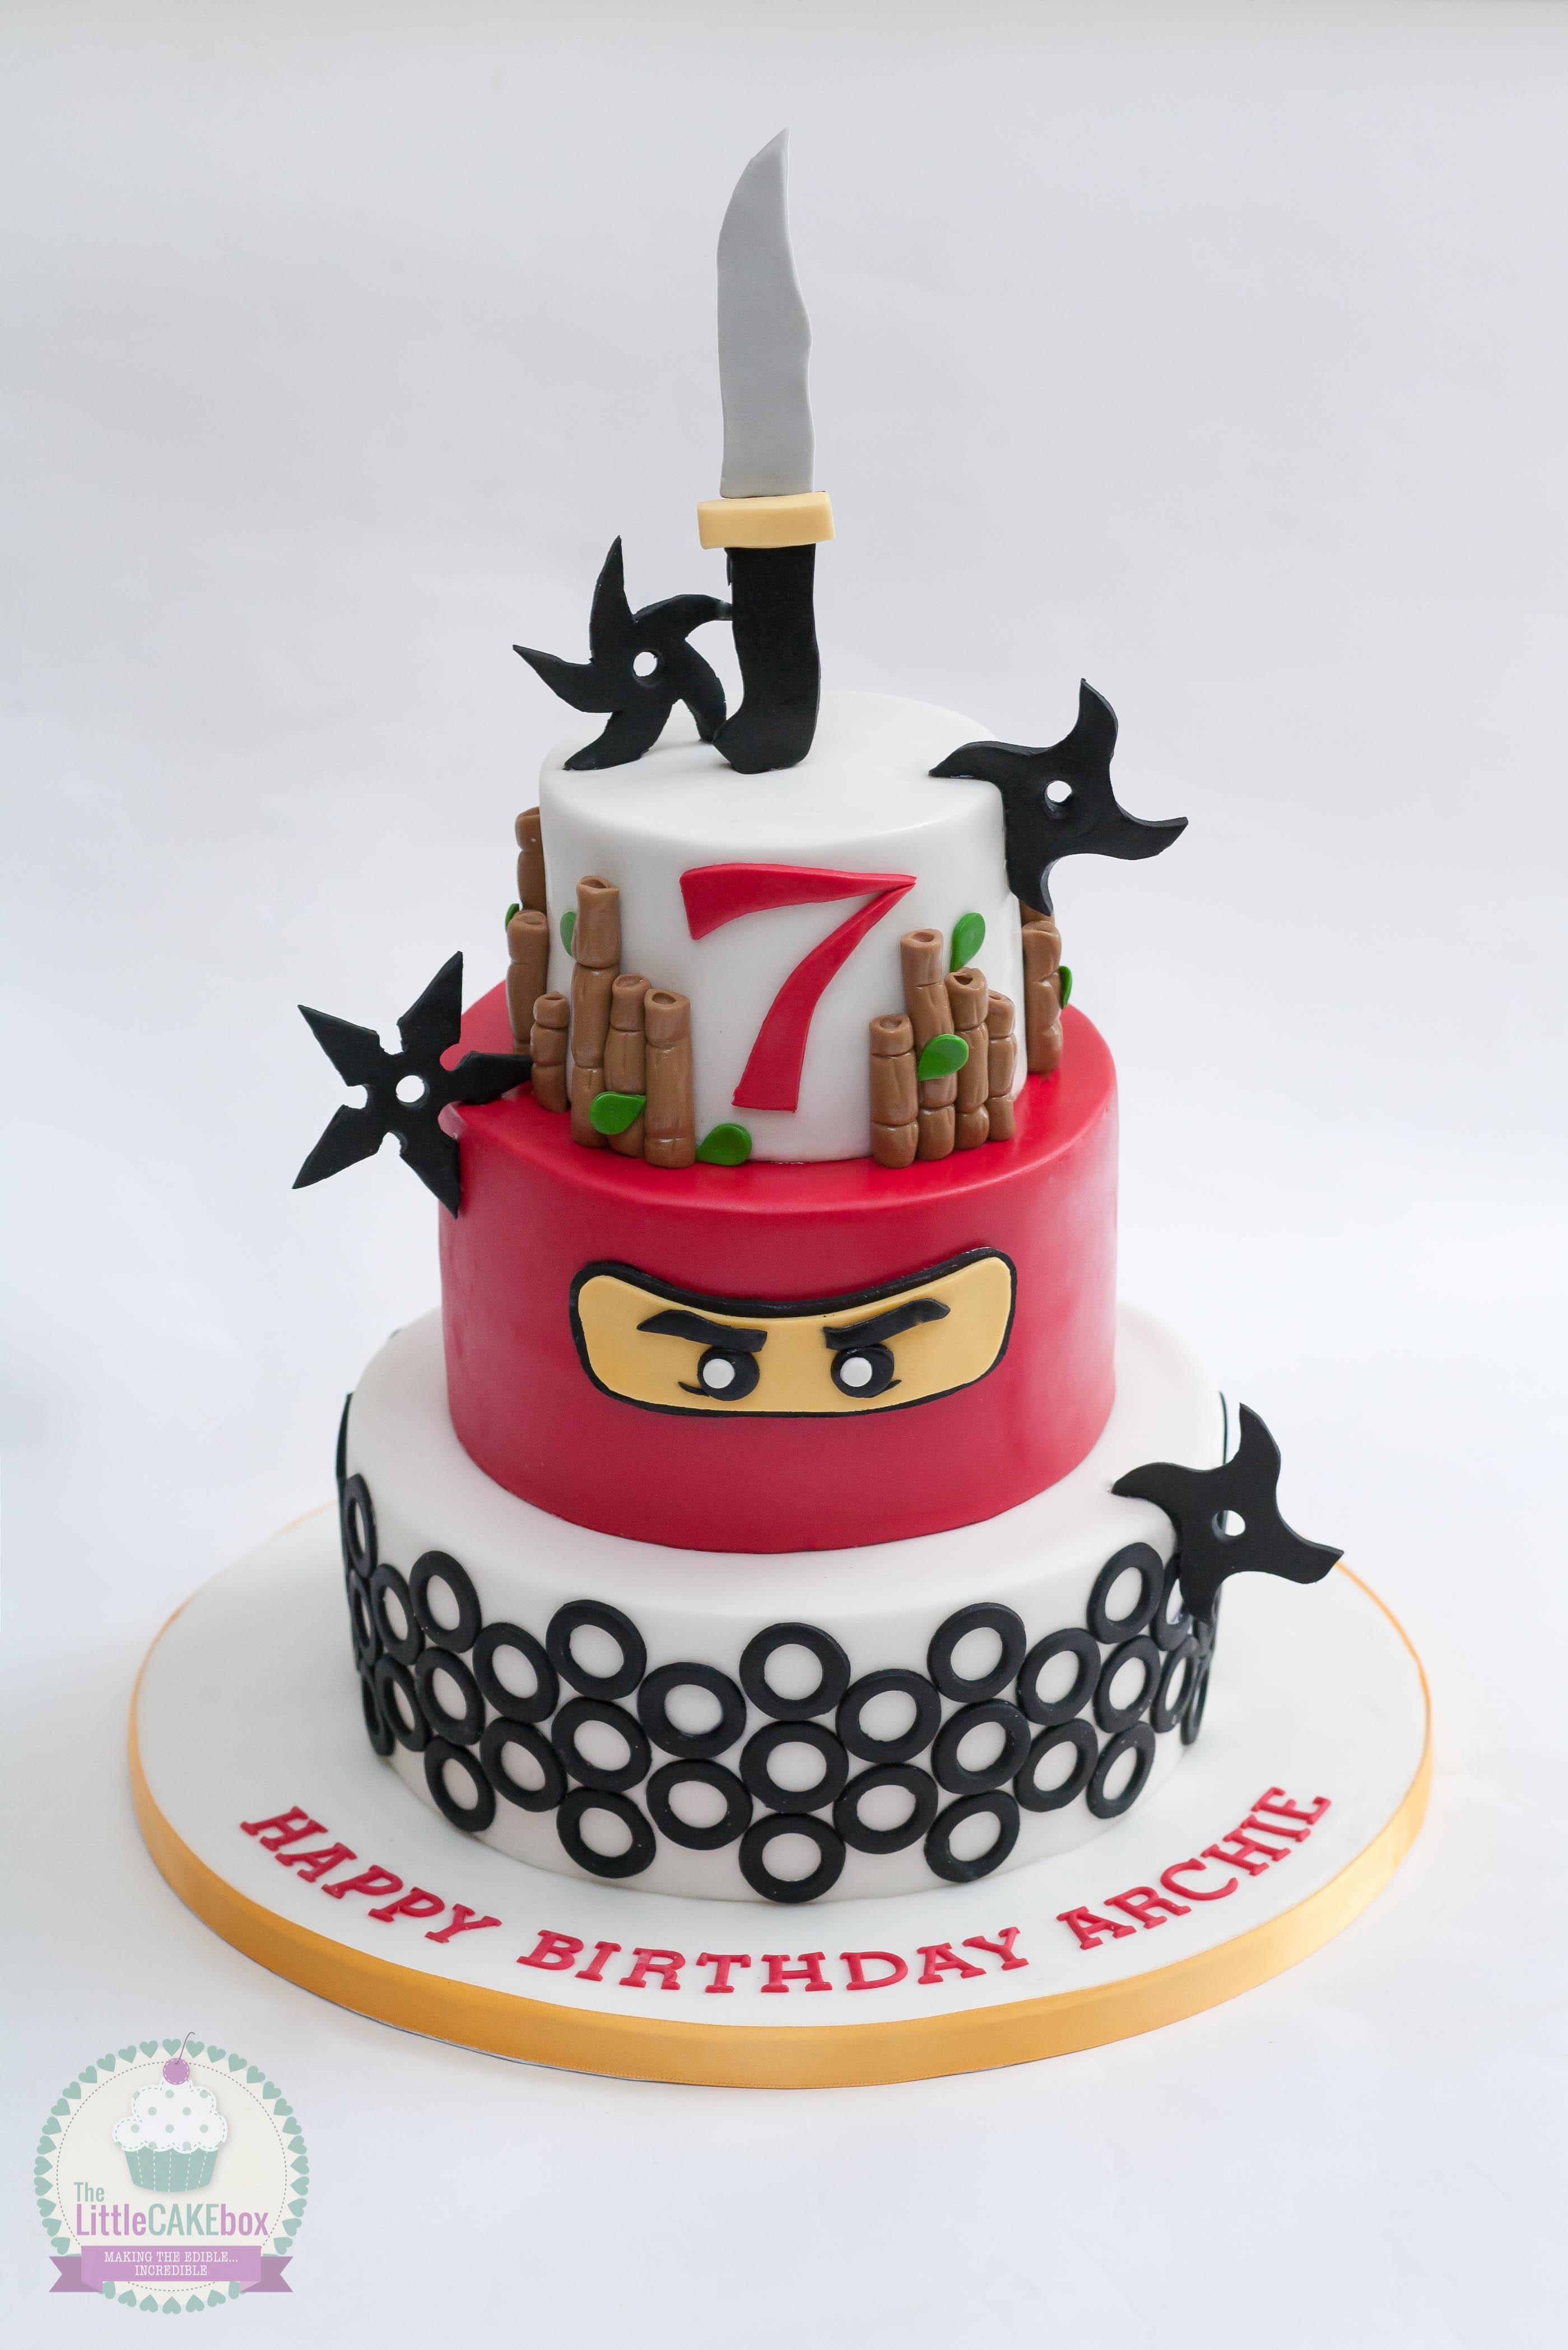 Torta lego ninjago 7 torte di compleanno da craere a casa for Decorazioni torte ninjago